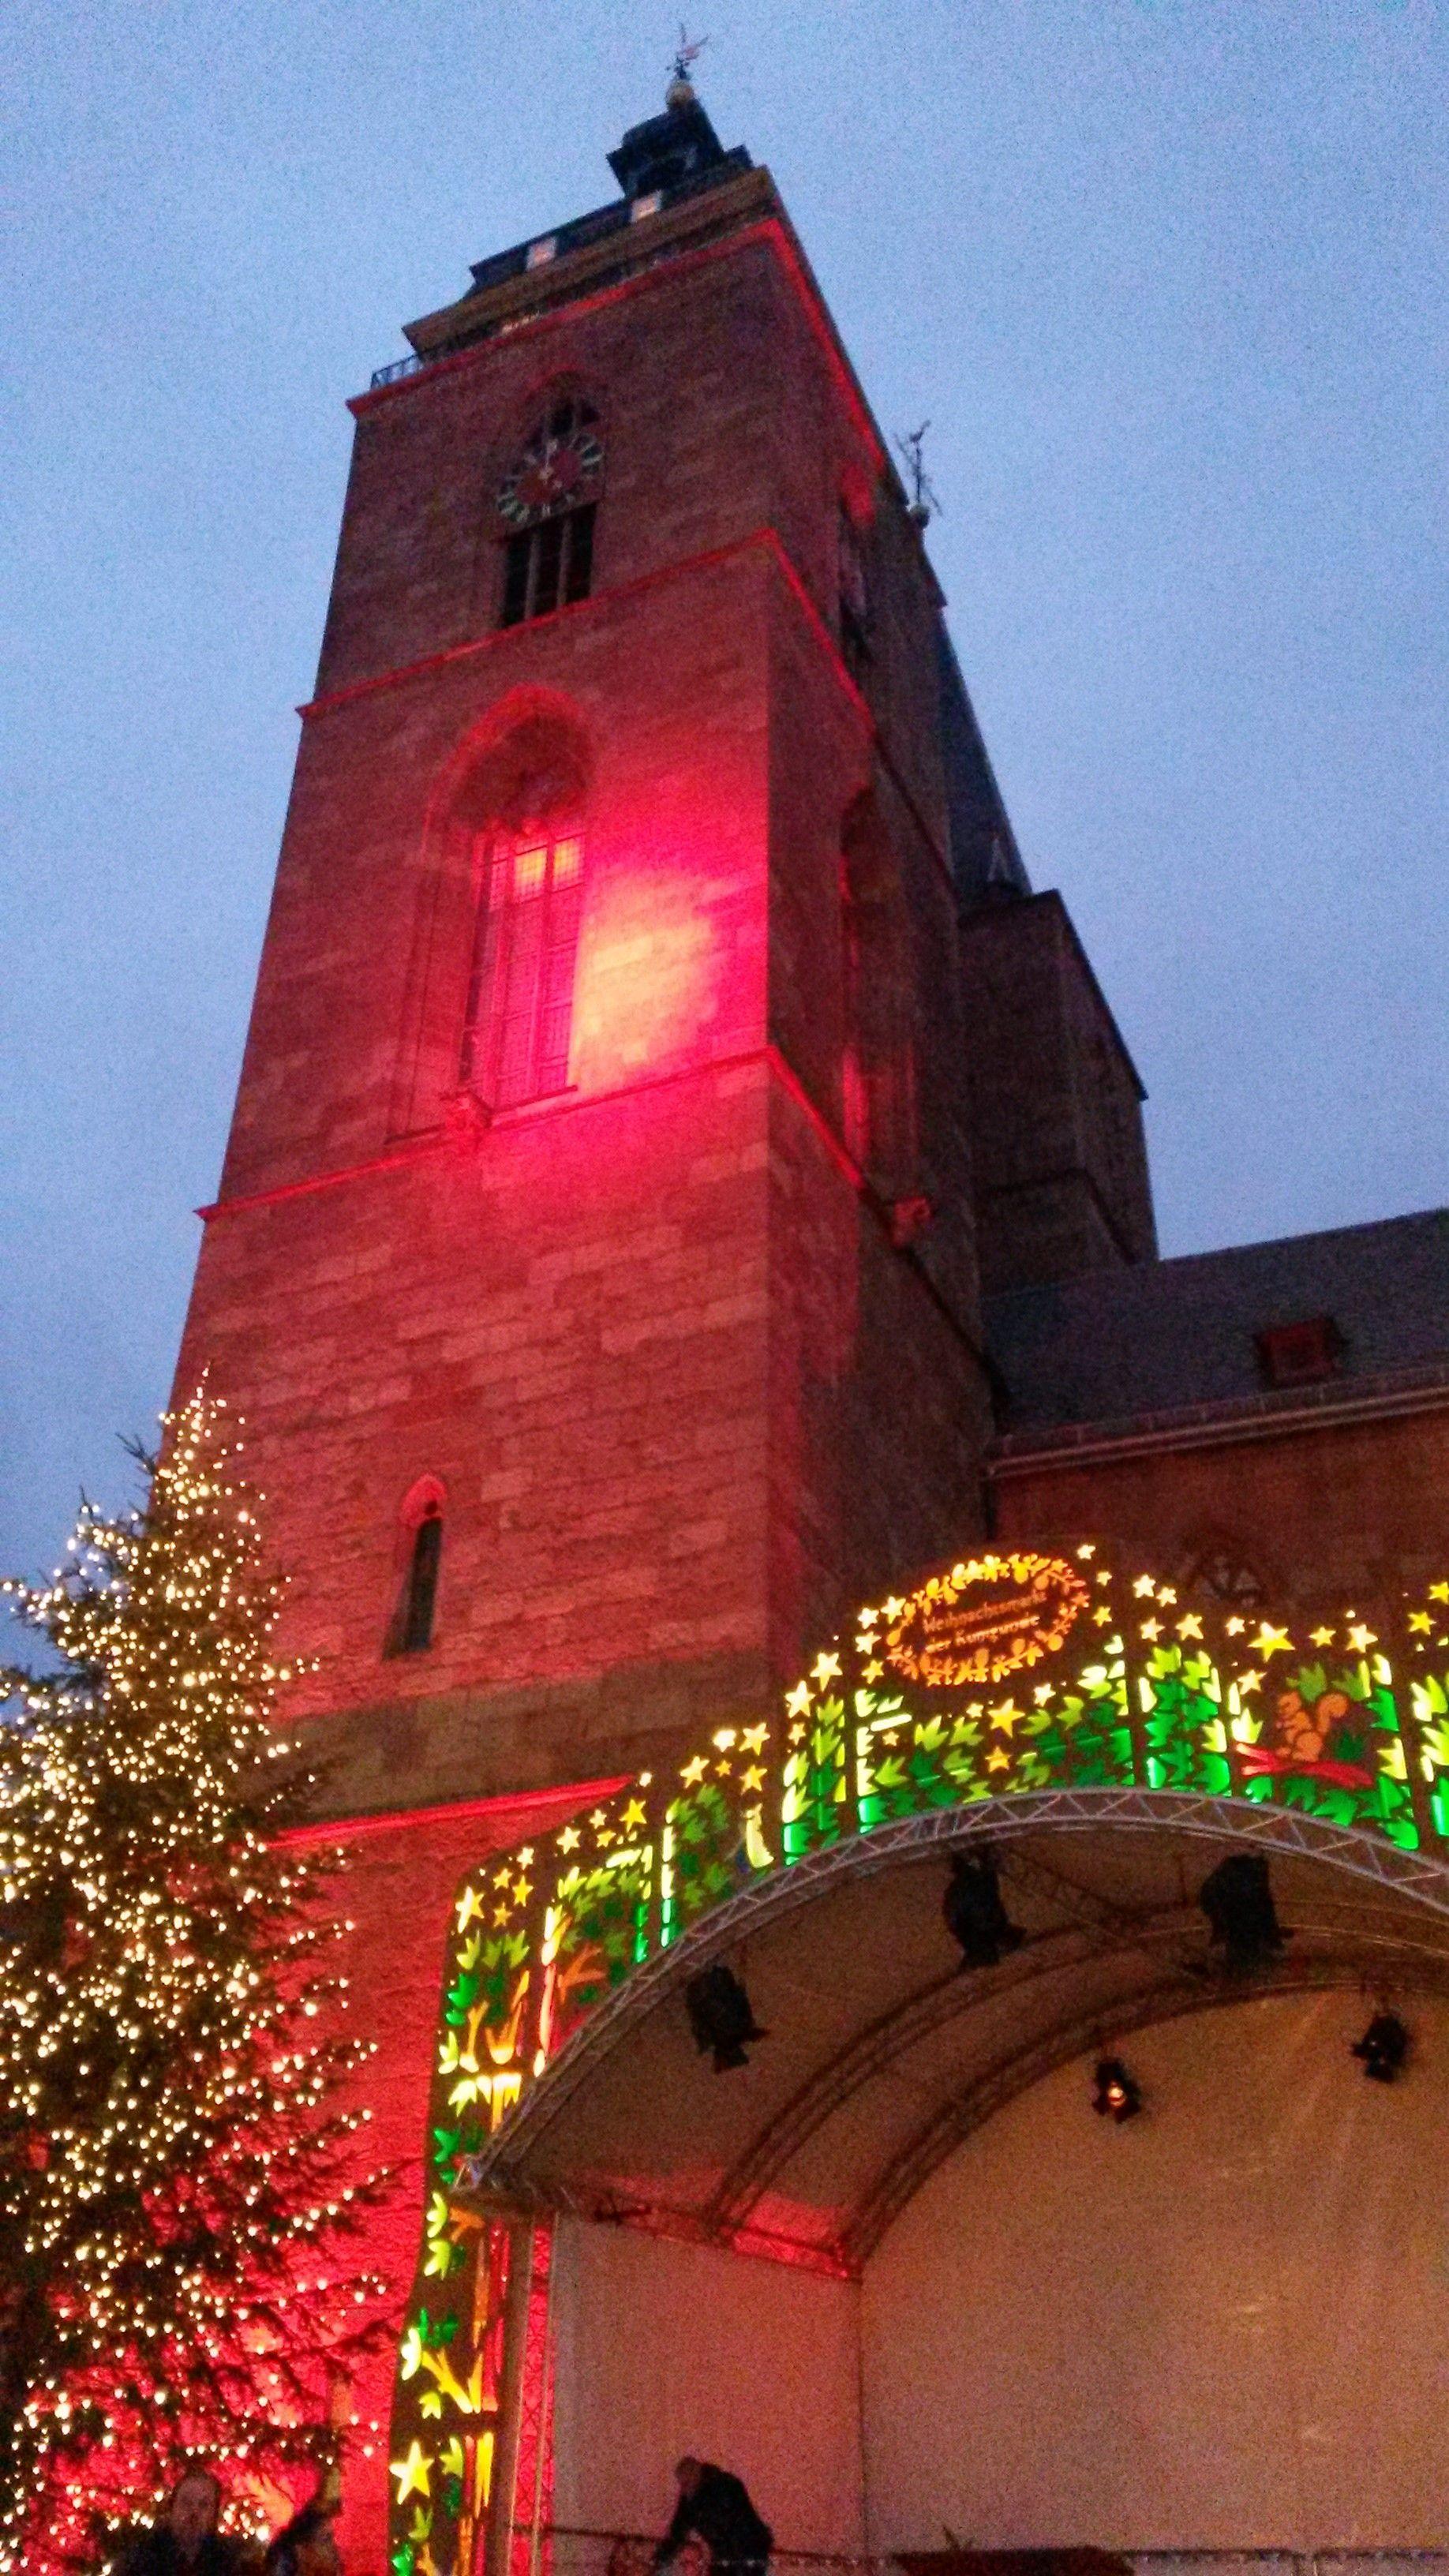 Weihnachtsmarkt Der Kunigunde 2015 Neustadt An Der Weinstrasse Christmas Kunigunde Weihnachten Weihnachtsmarkt Neustadt Pf Pfalz Strasse Weihnachtsmarkt